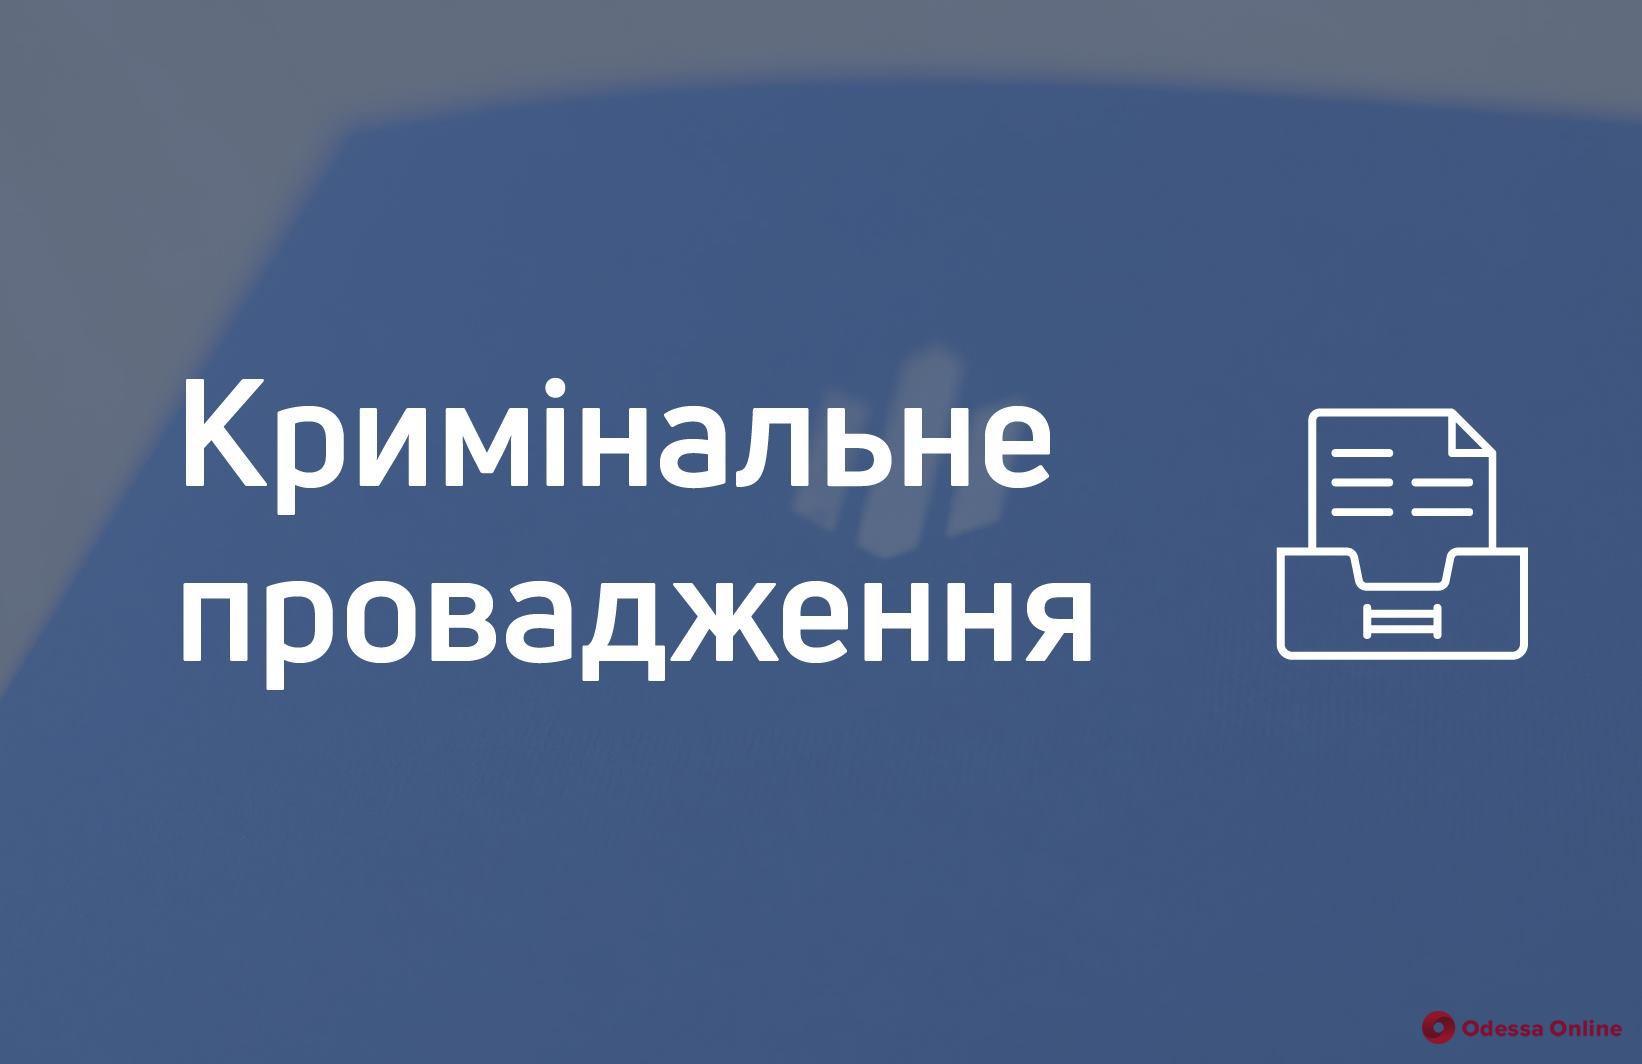 ГБР провело обыски в Одесском облсовете и Измаильский горсовете